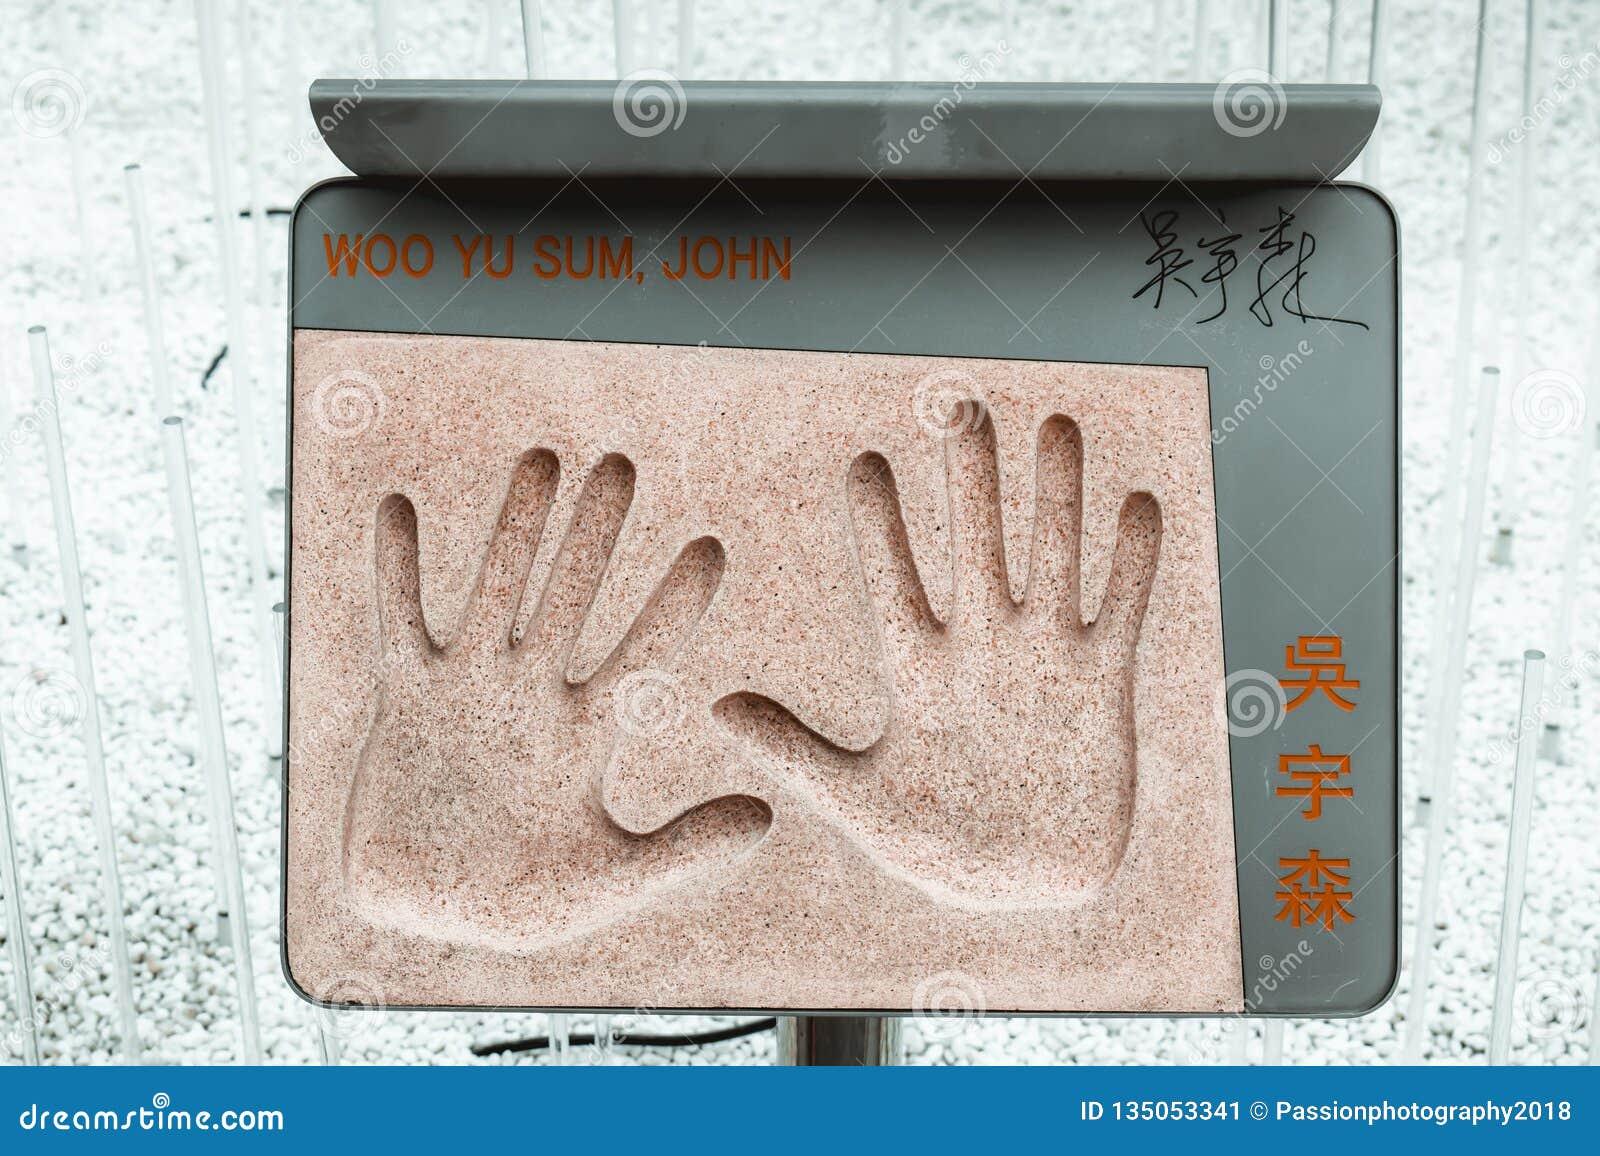 La placa con la impresión de la mano de director de película chino legendario de acción John Woo colocó en el jardín de estrellas